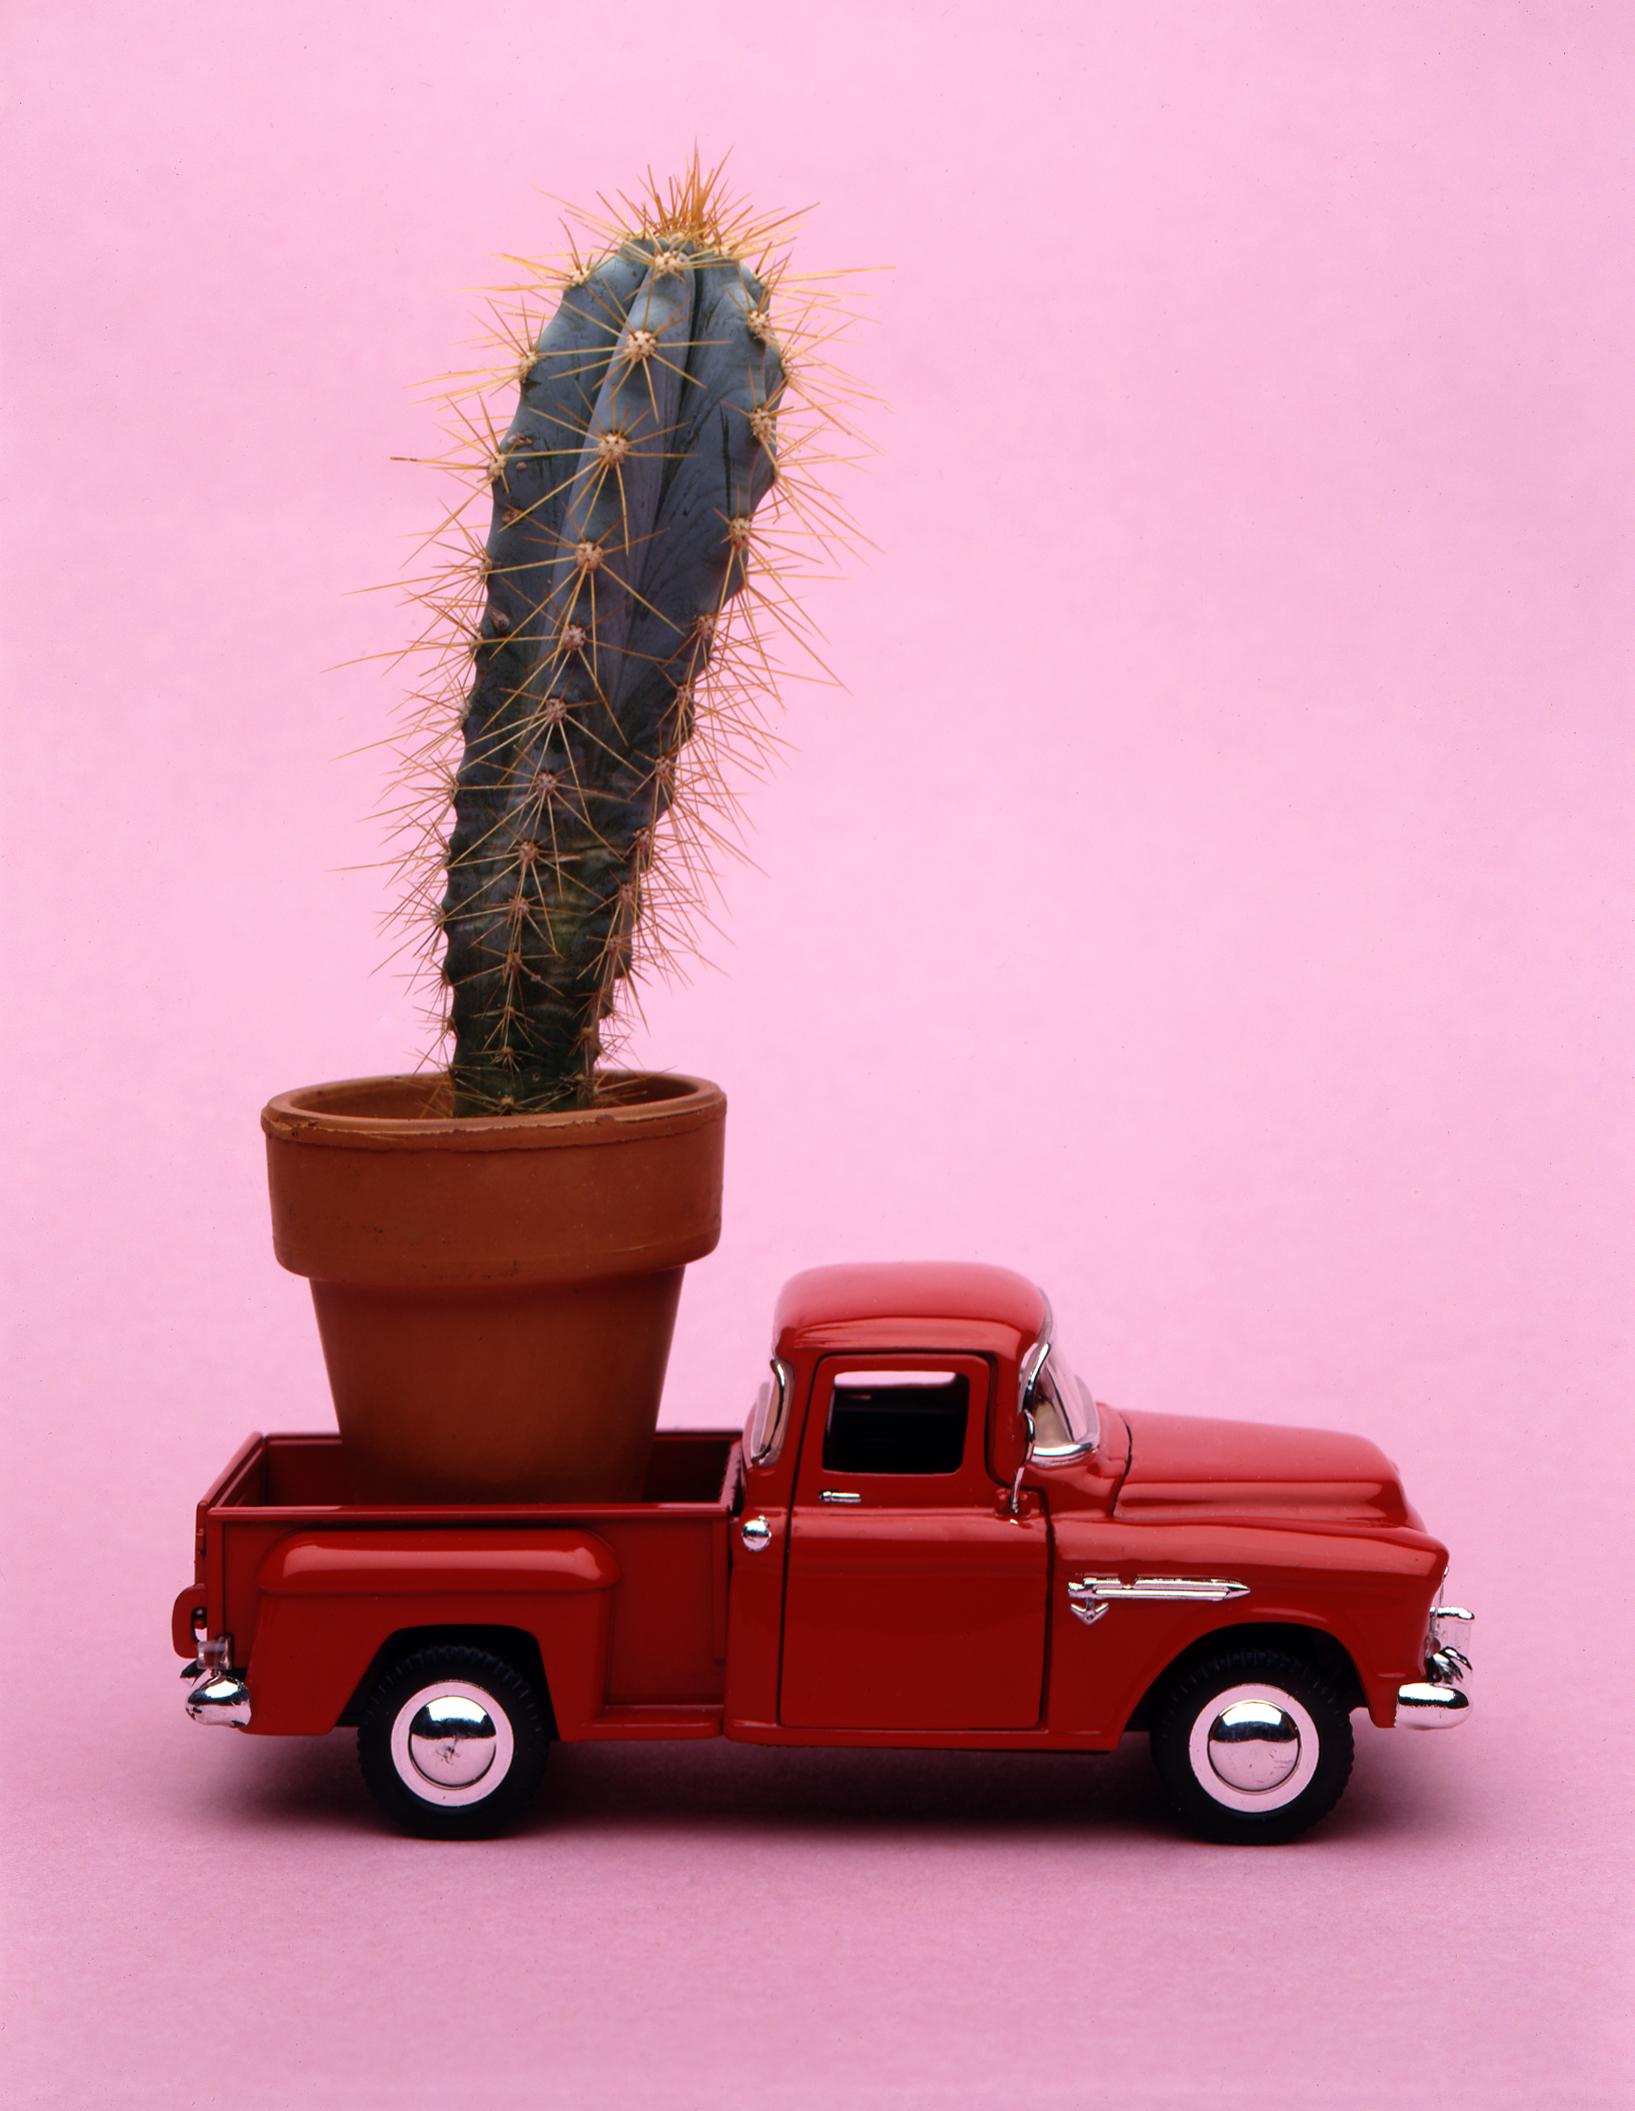 truck031.jpg